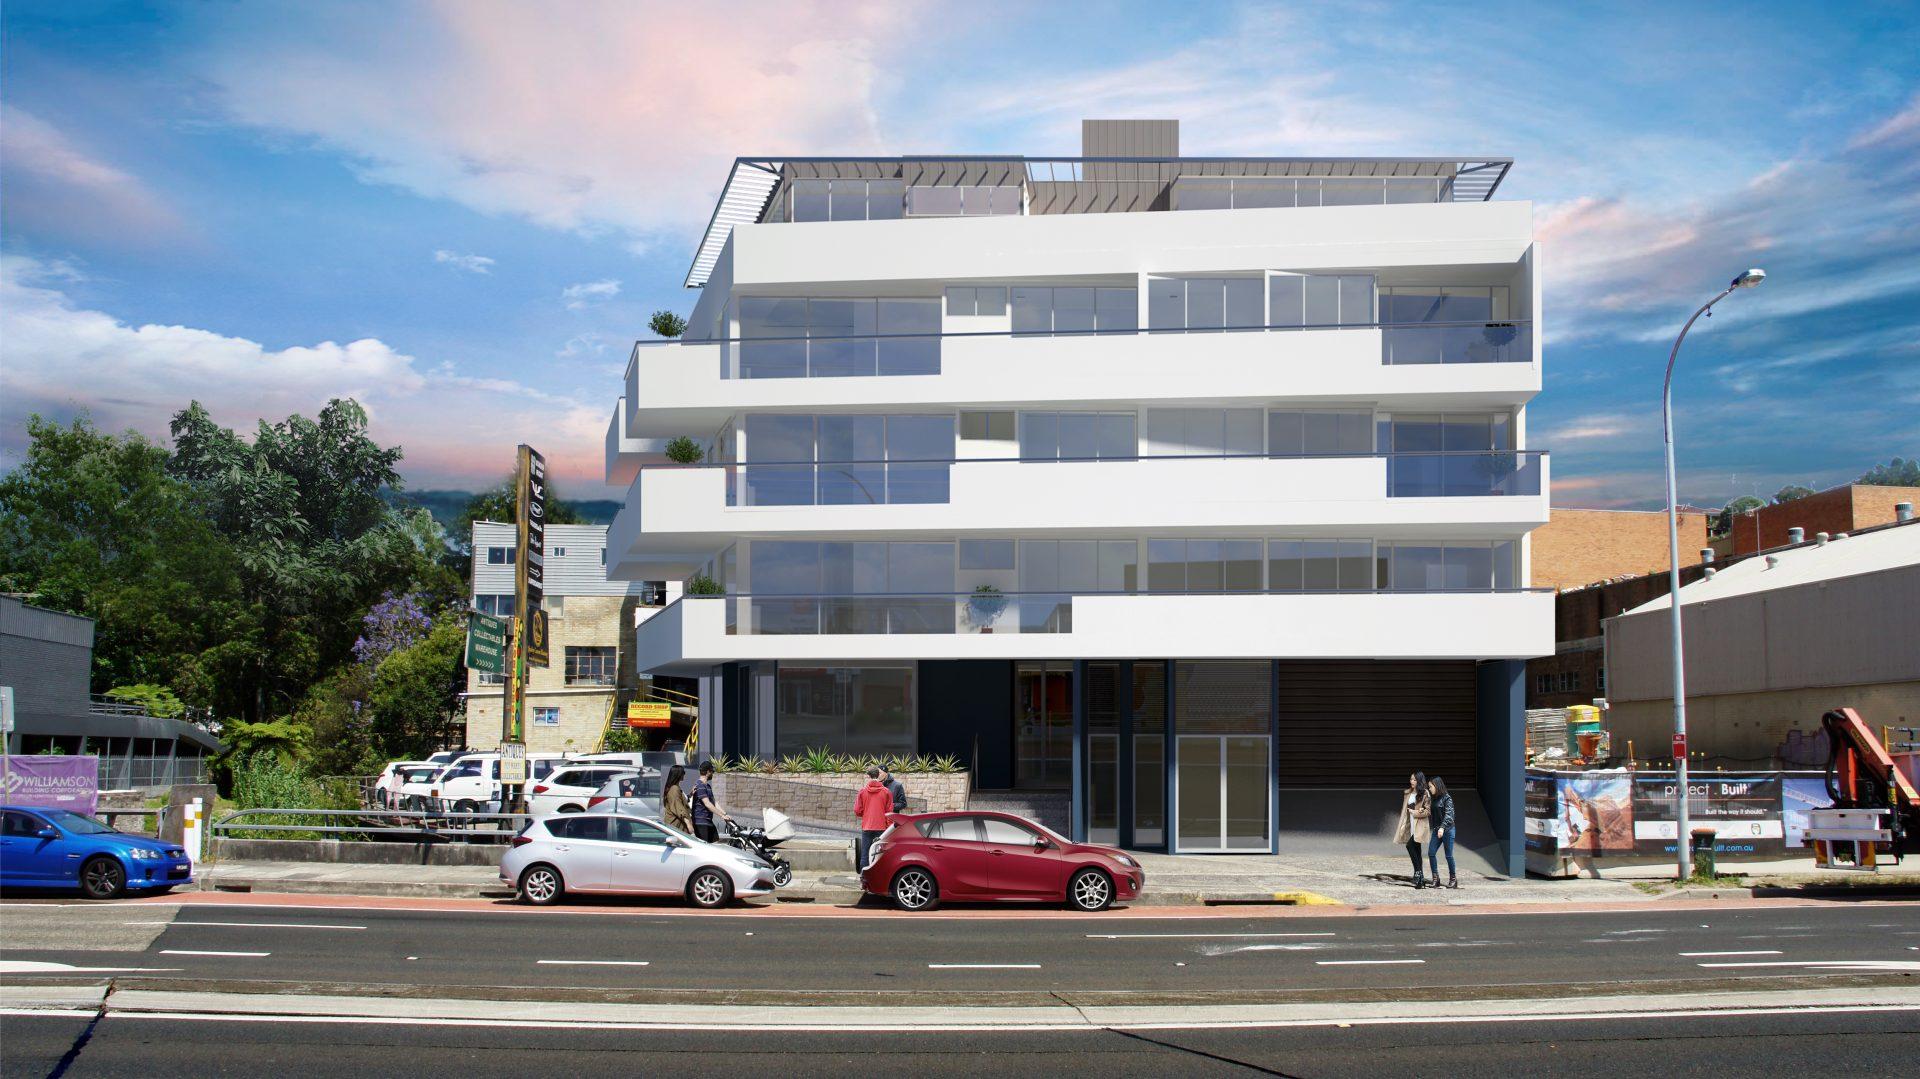 $200 Artists Impressions ph: 0407763976 admin@buildersbrochures.com.au